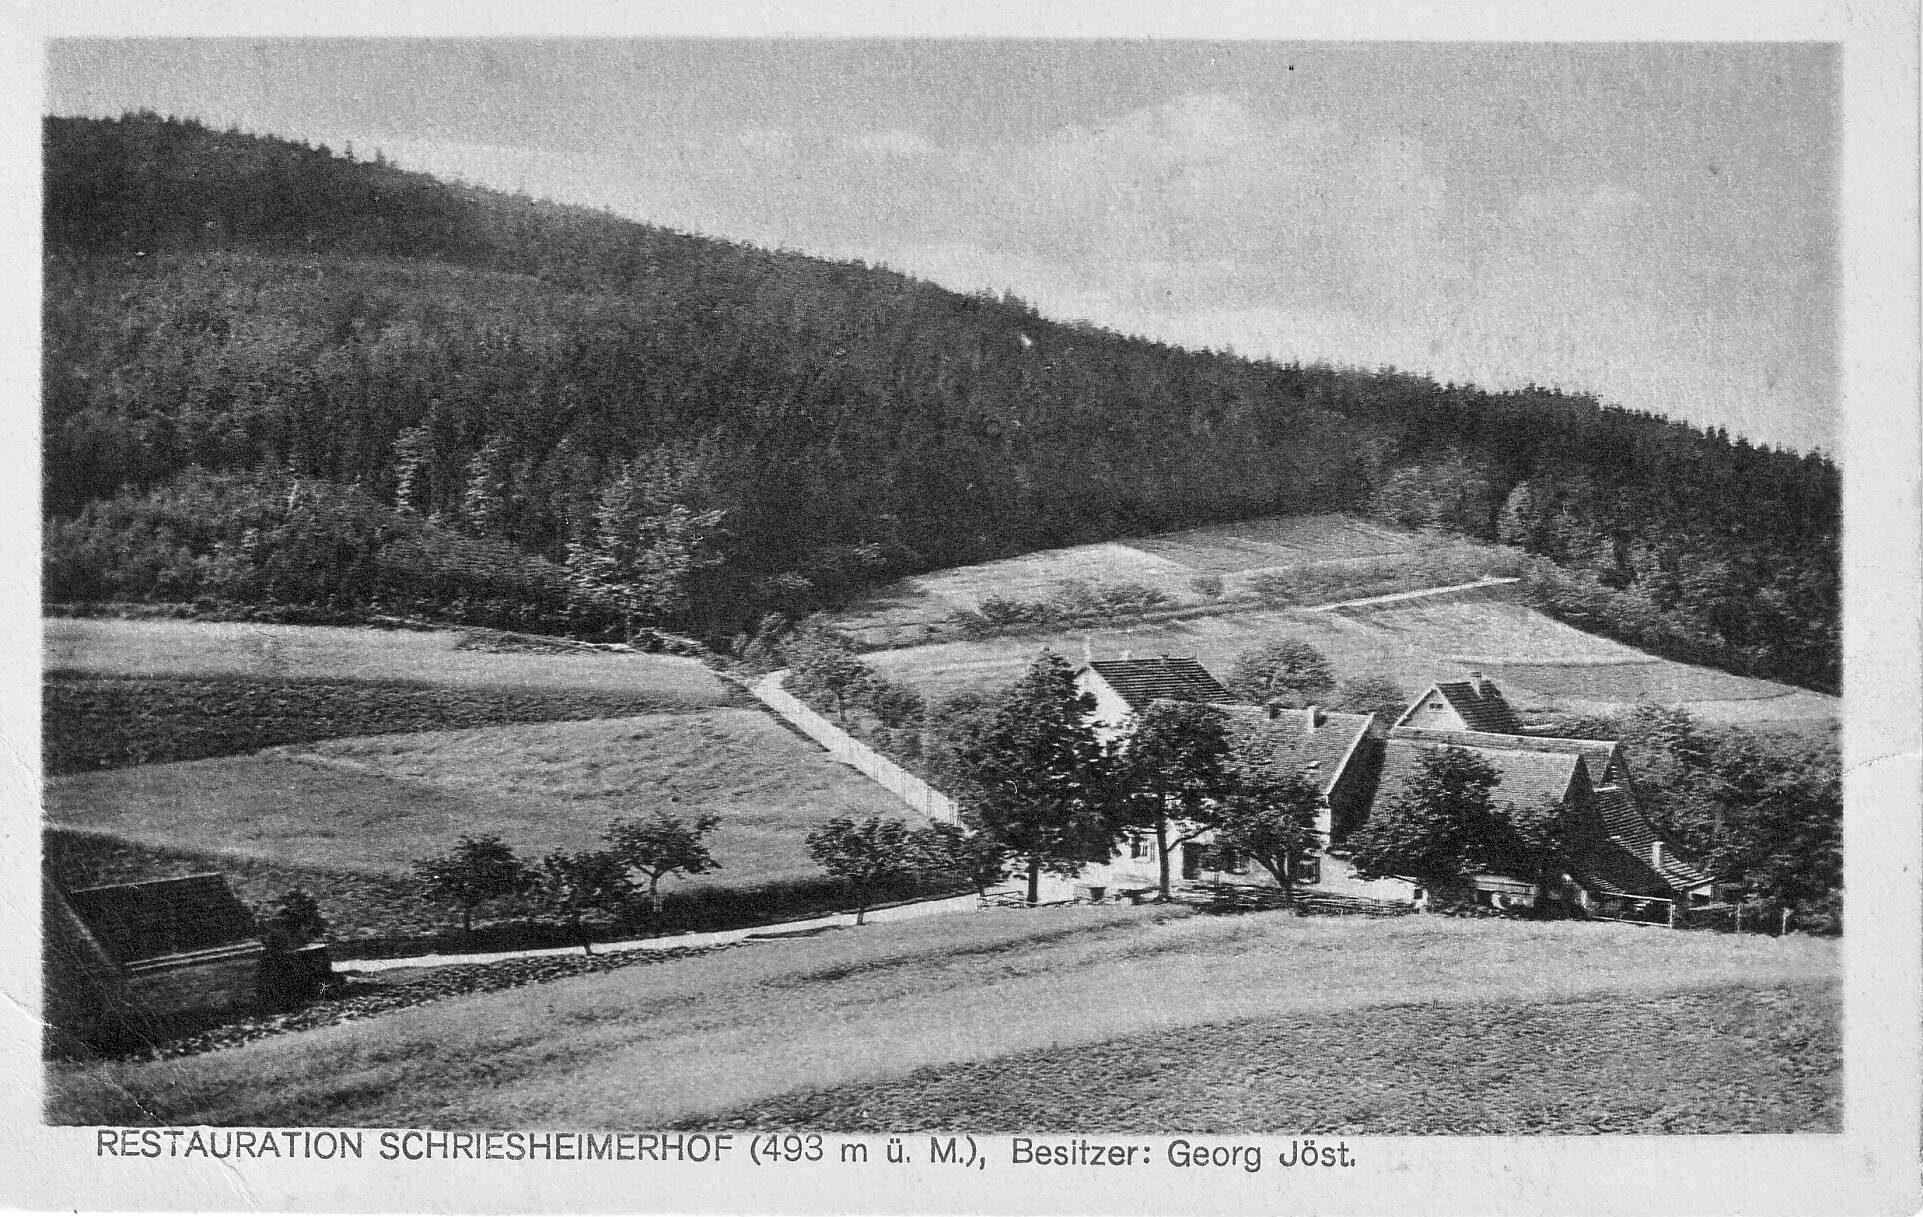 Historische Aufnahme des Schriesheimer Hofes in Wilhelmsfeld (schwarz-weiß)